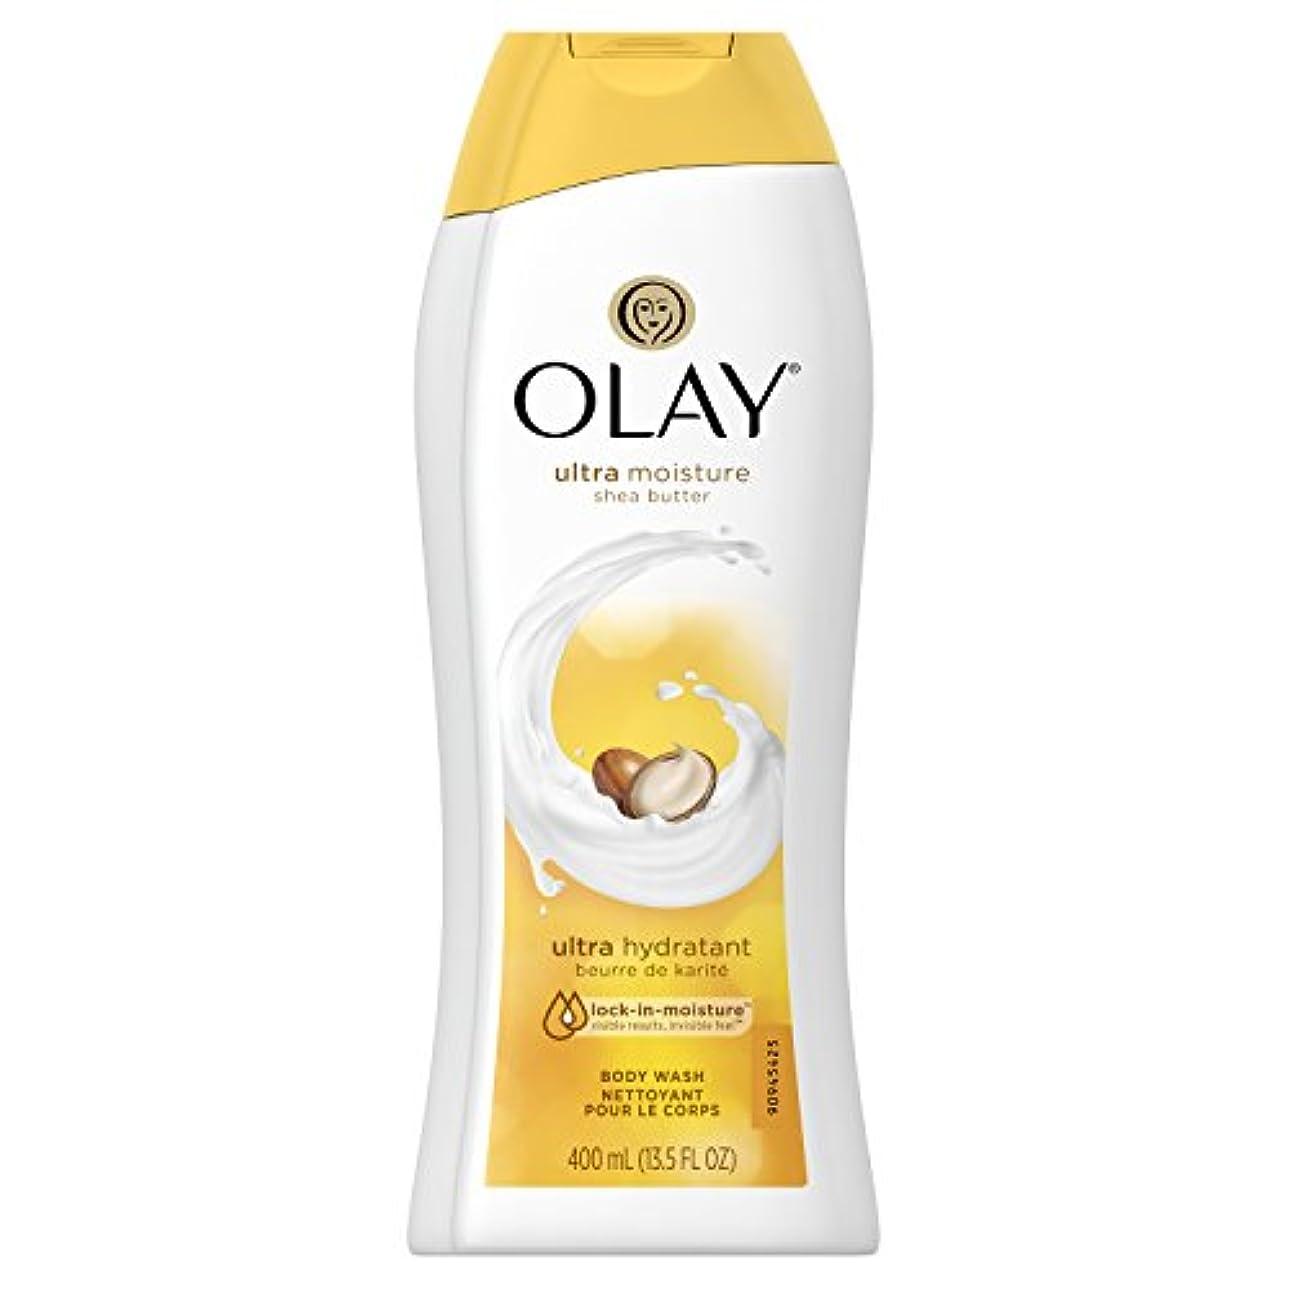 質素なスティーブンソン運動Olay Ultra Moisture Moisturizing Body Wash With Shea Butter, 13.5 oz. 2本セット